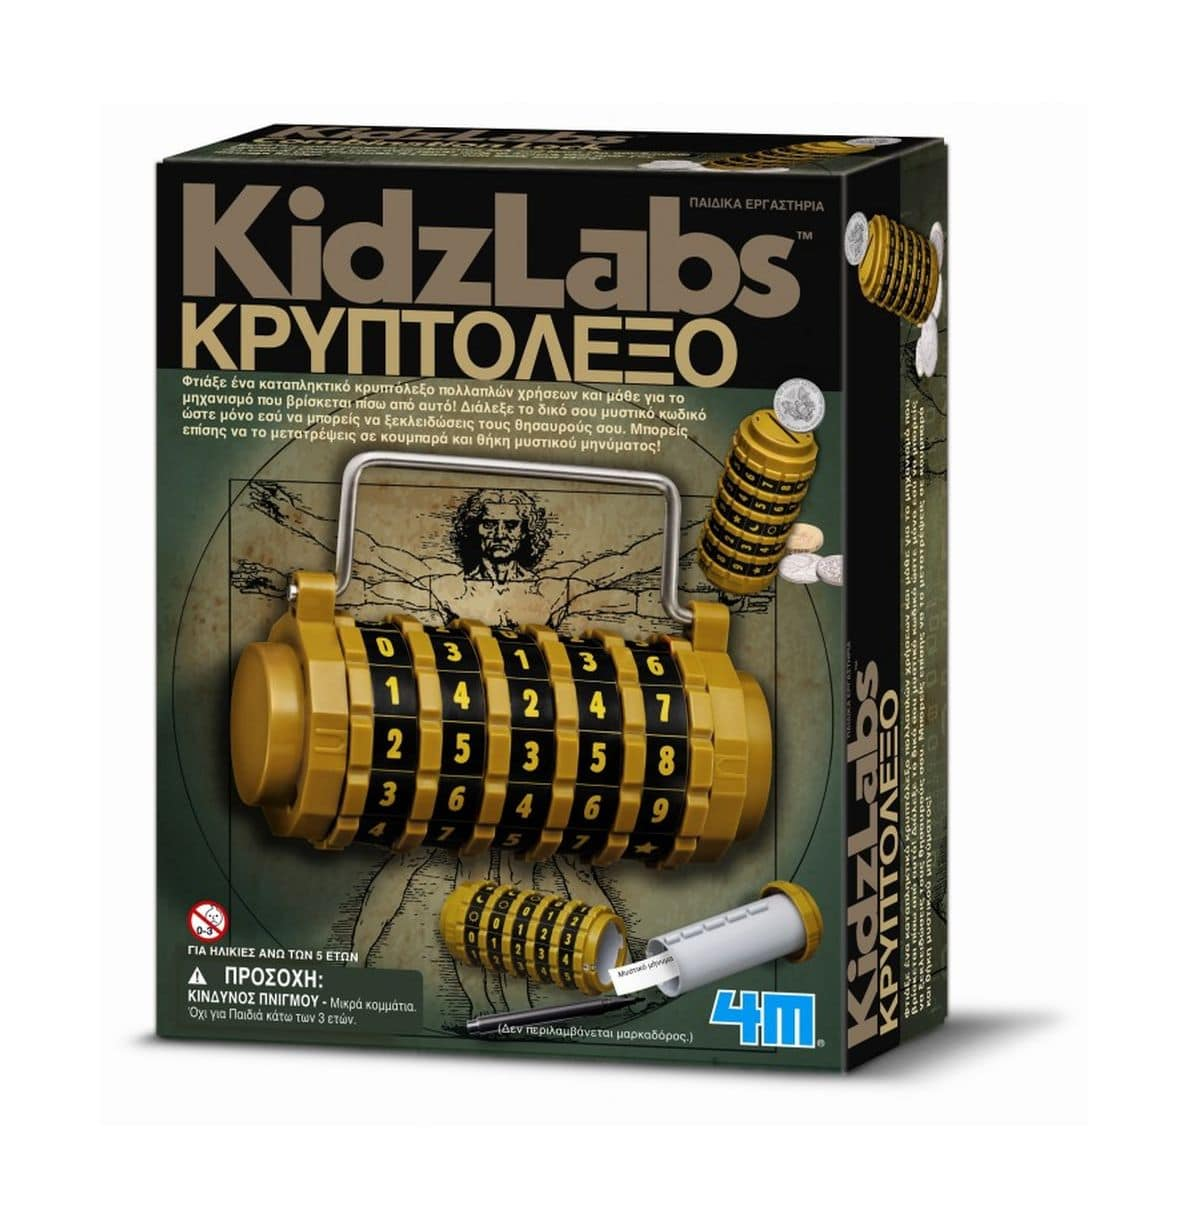 kataskeuh kriptolexo 4Μ0359 tetragono 1